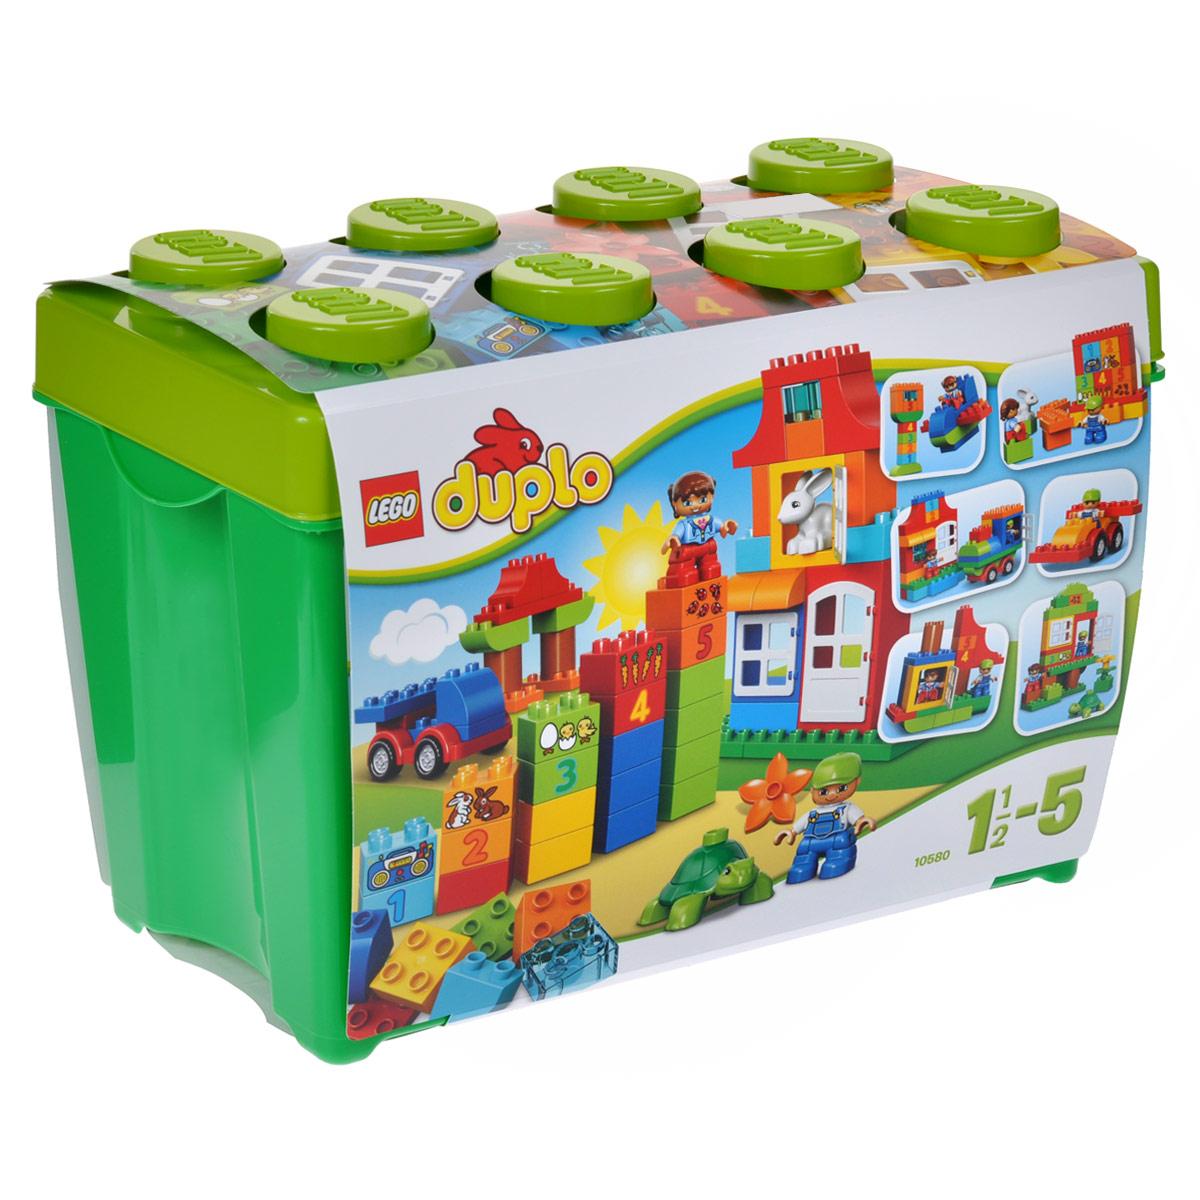 LEGO DUPLO Конструктор Набор для веселой игры 10580